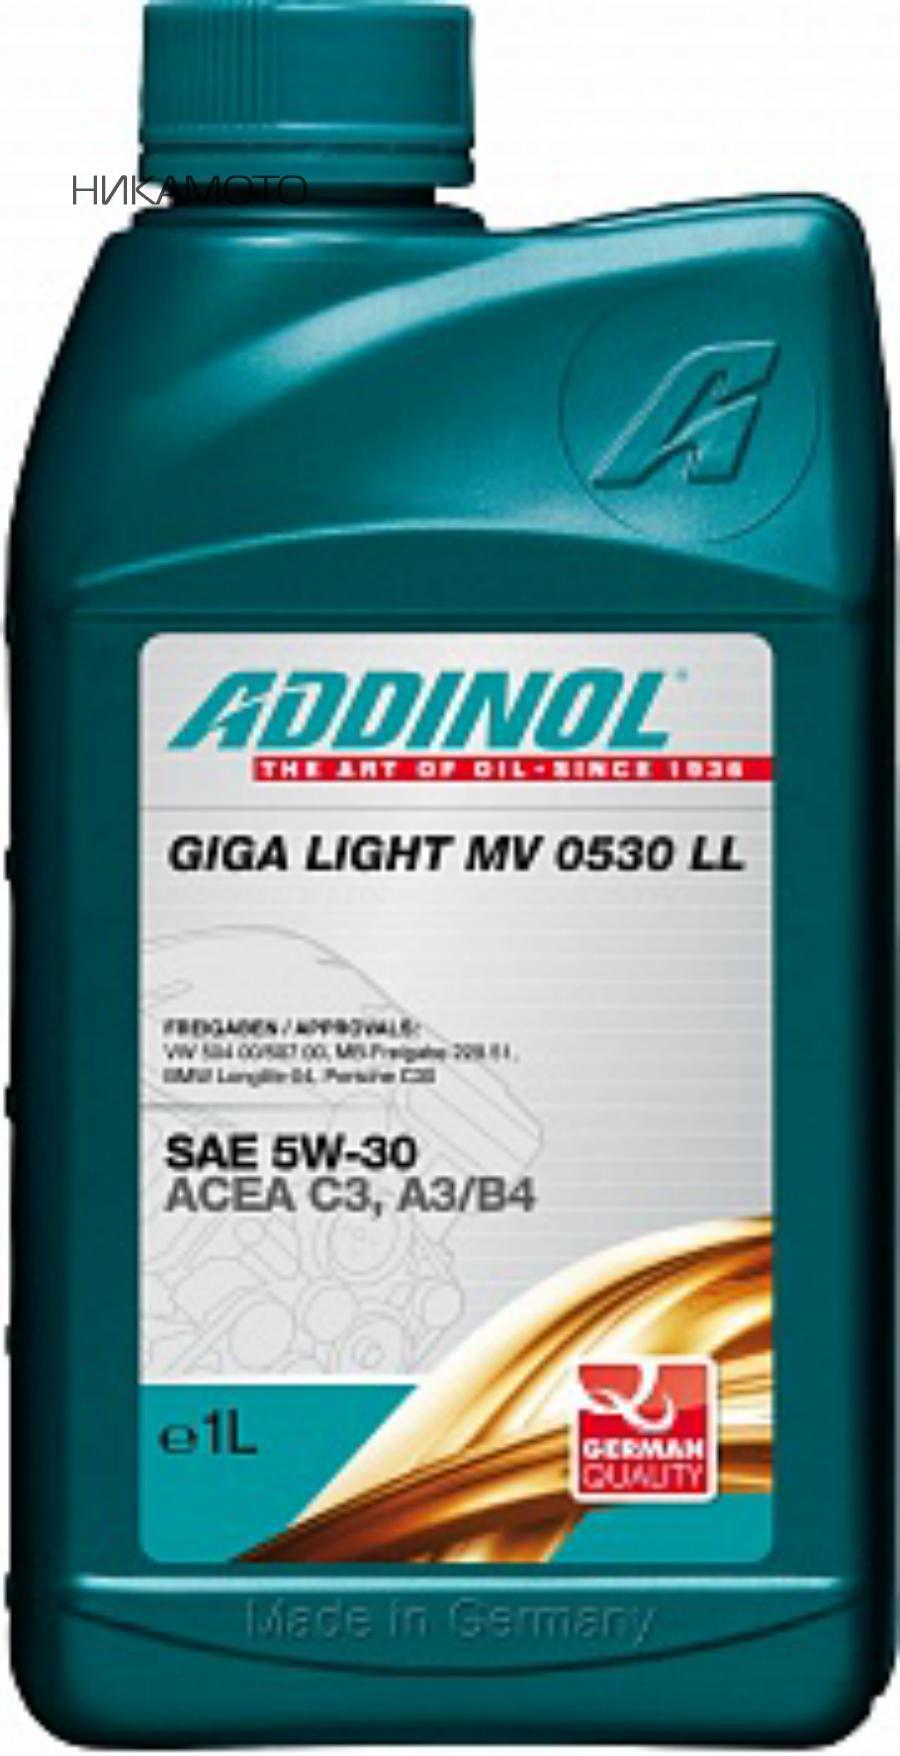 Масло моторное ADDINOL Giga Light MV 0530 LL 5W30 синтетика (1л)